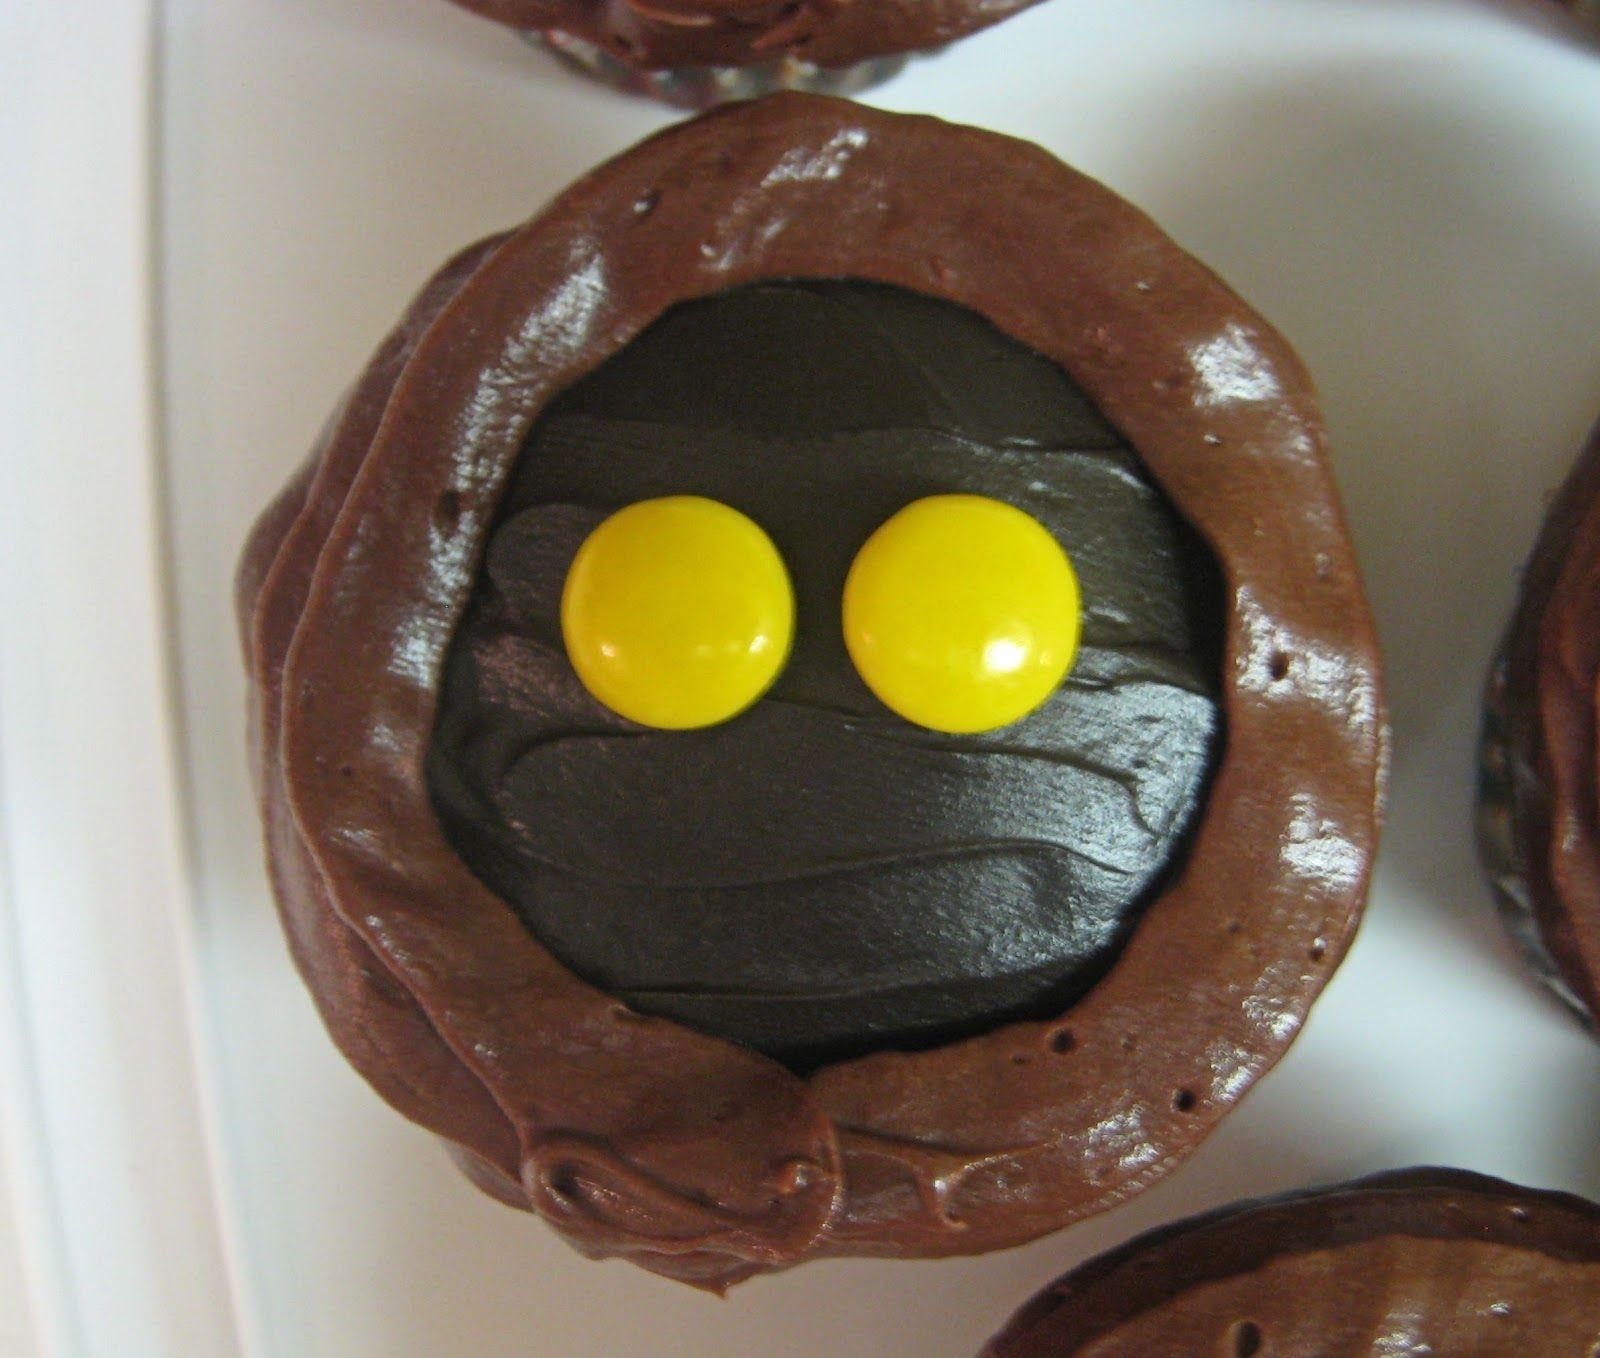 Star Wars Jawa Cupcakes - Close-Up of Jawa Cupcake